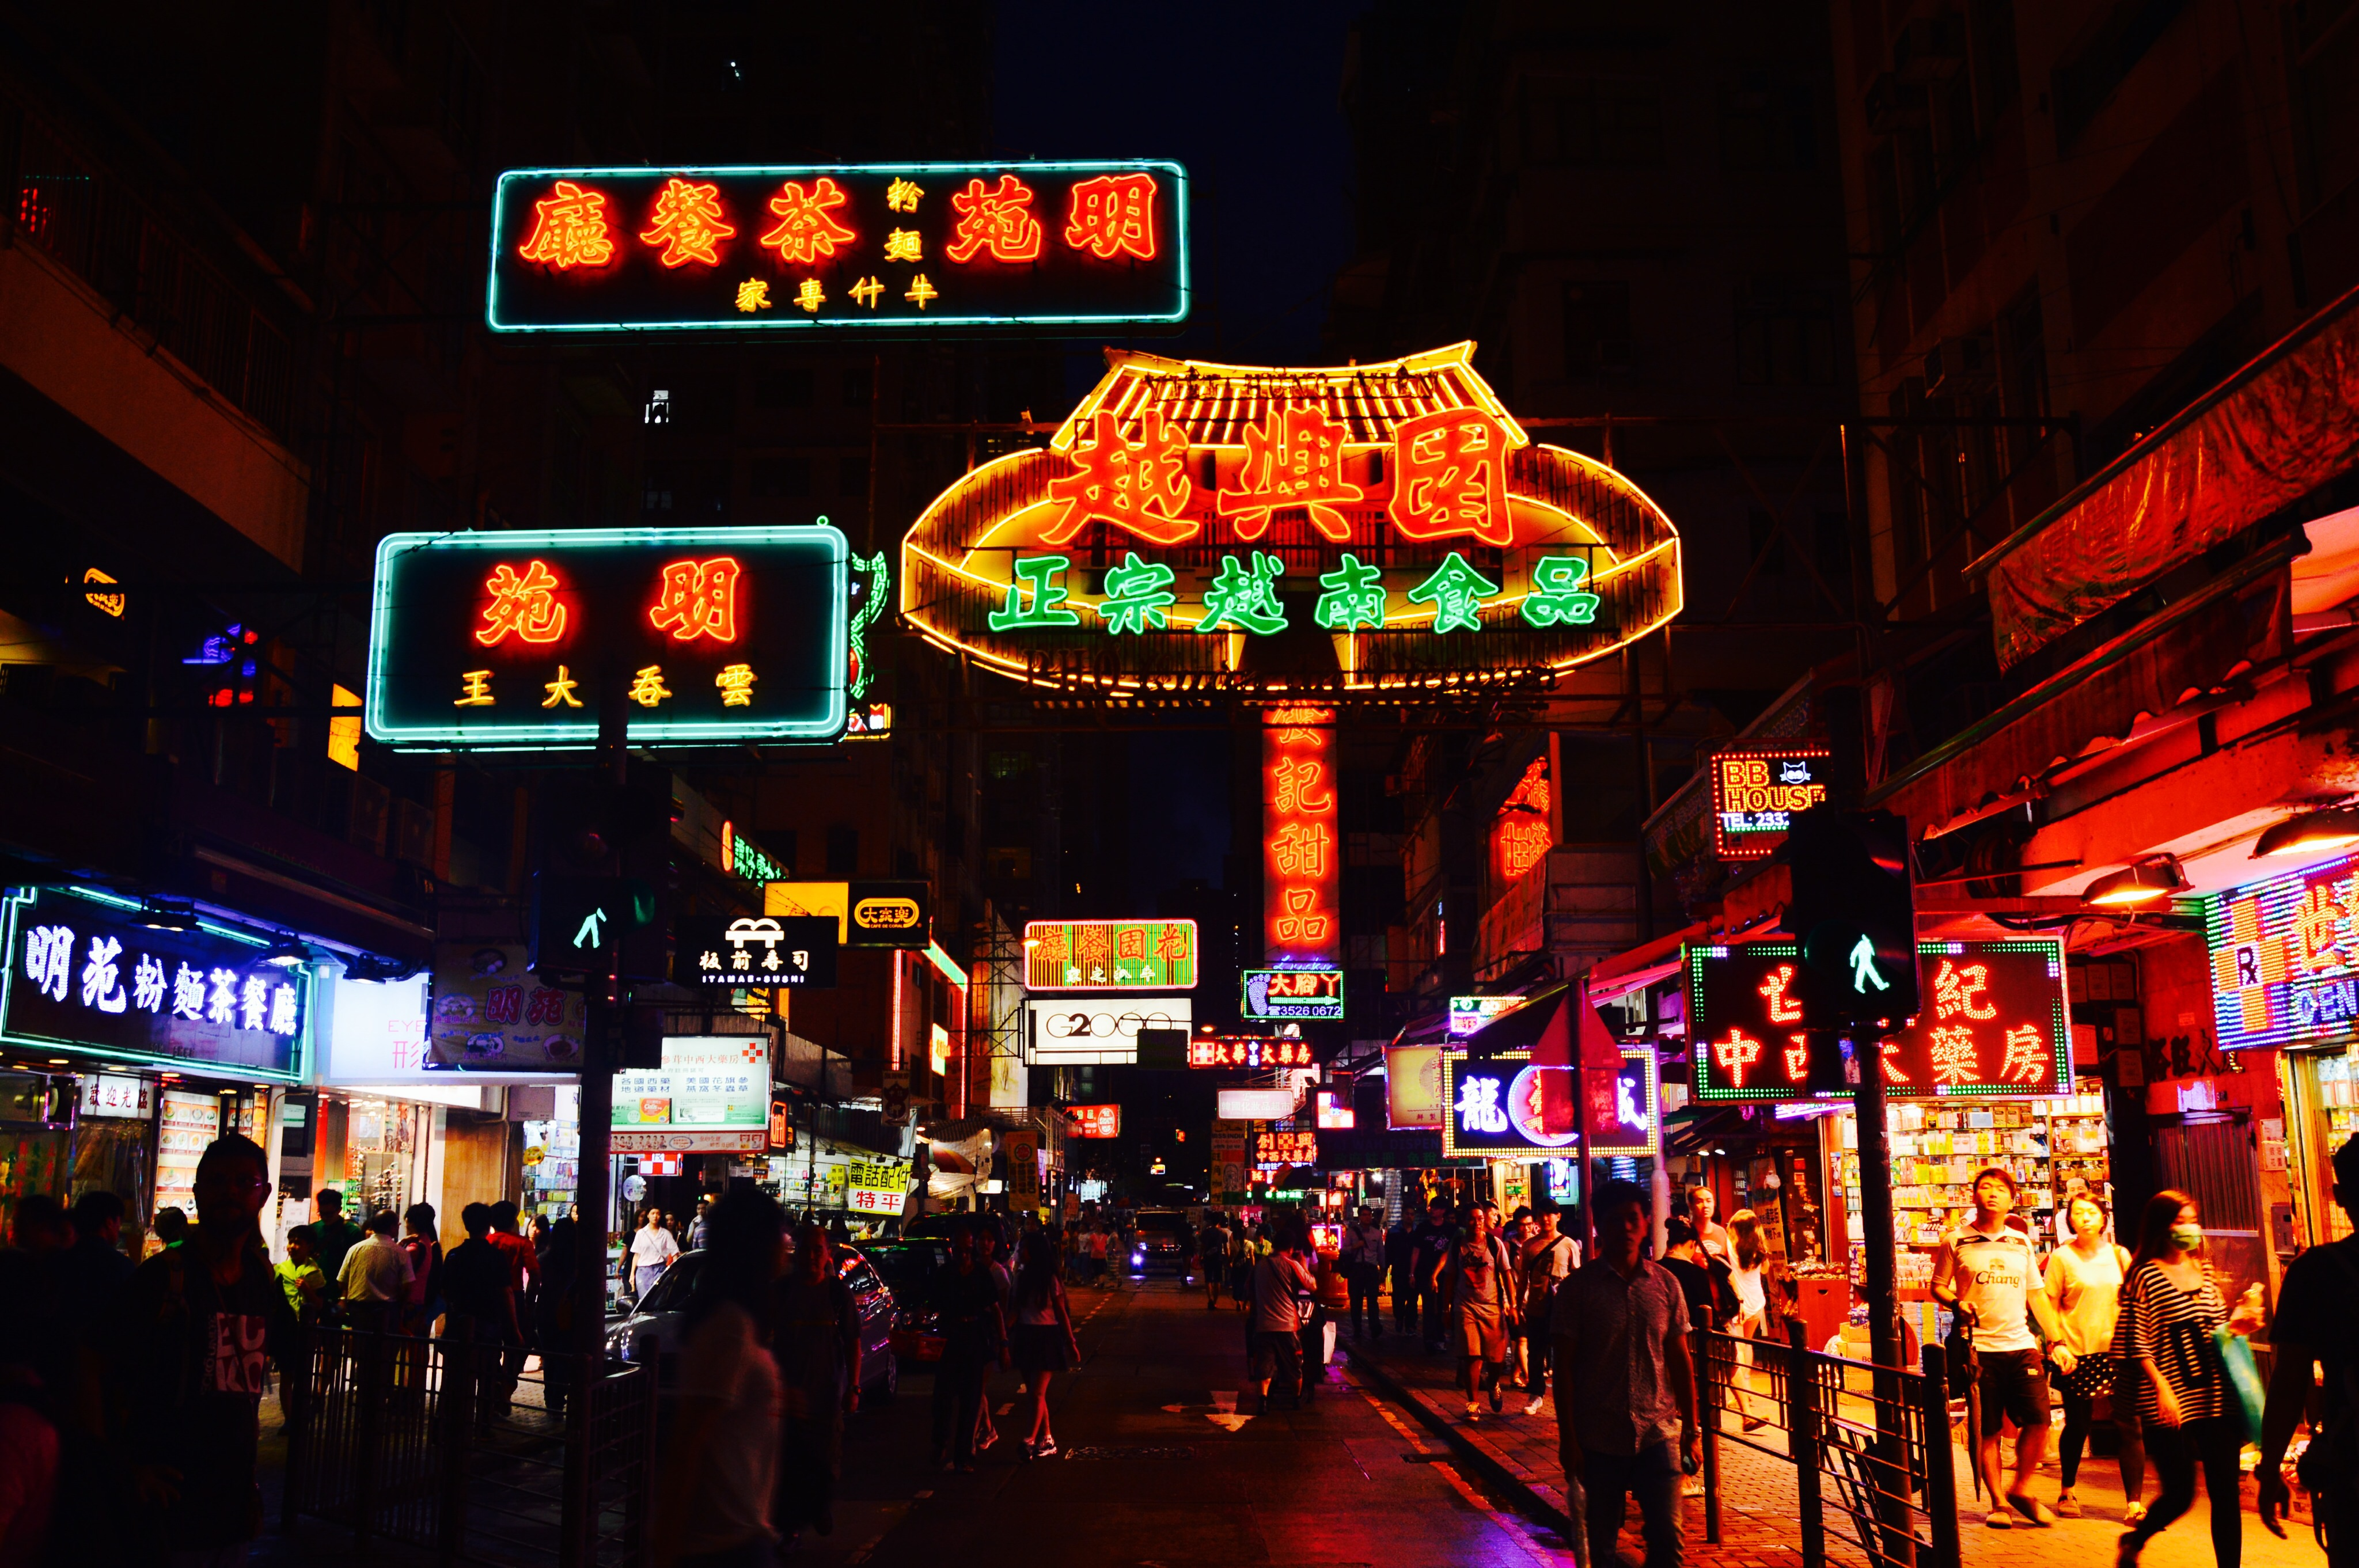 china  u2013 when big gets a new meaning  u2013 hong kong    beijing